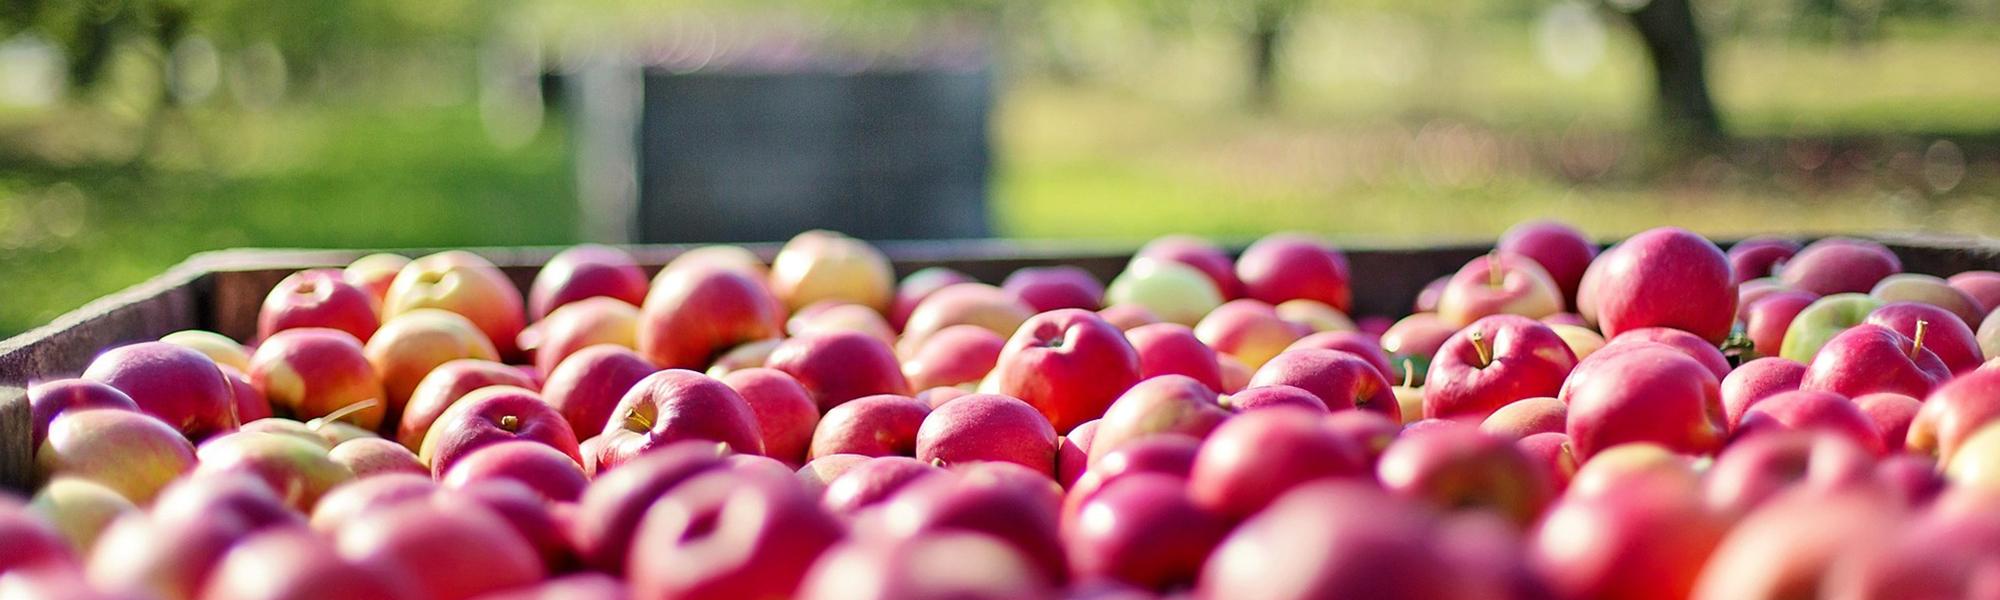 L'importanza dell'umidità per i prodotti alimentari